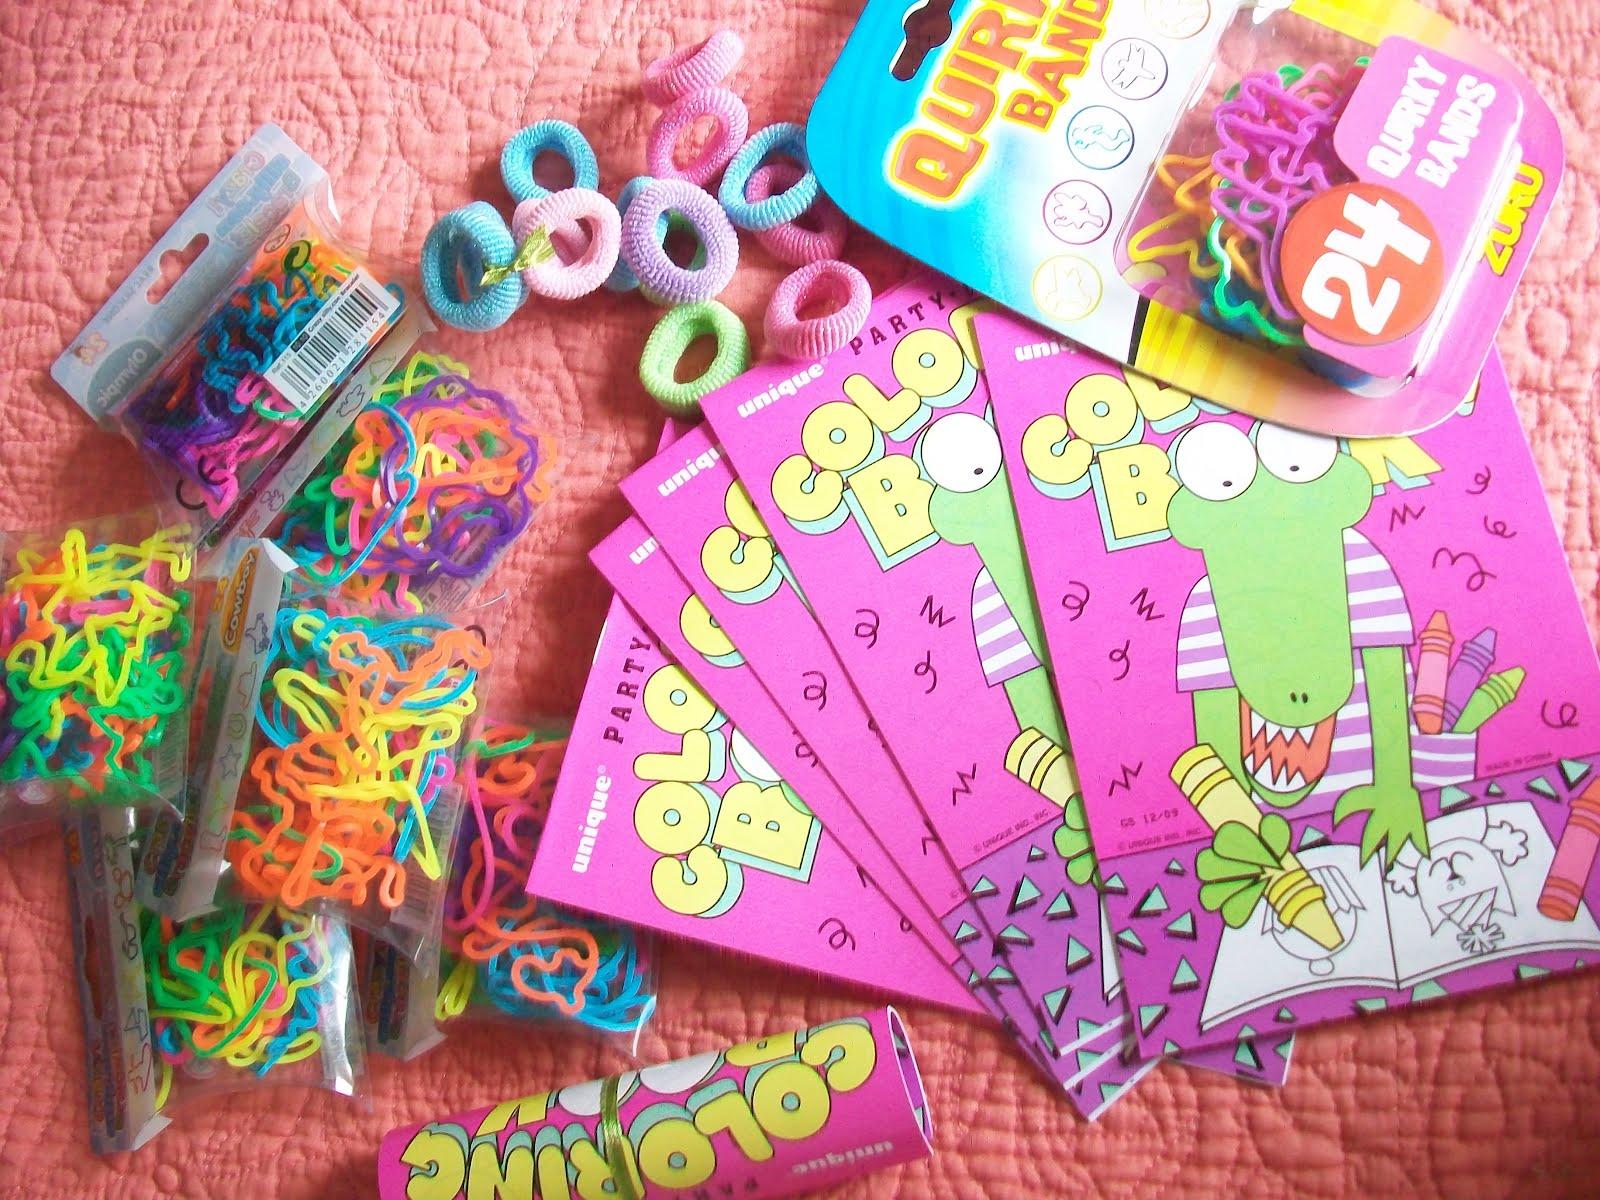 De las manos de jann manualidades tarjetas recuerdos - Ideas originales para fiestas de adultos ...